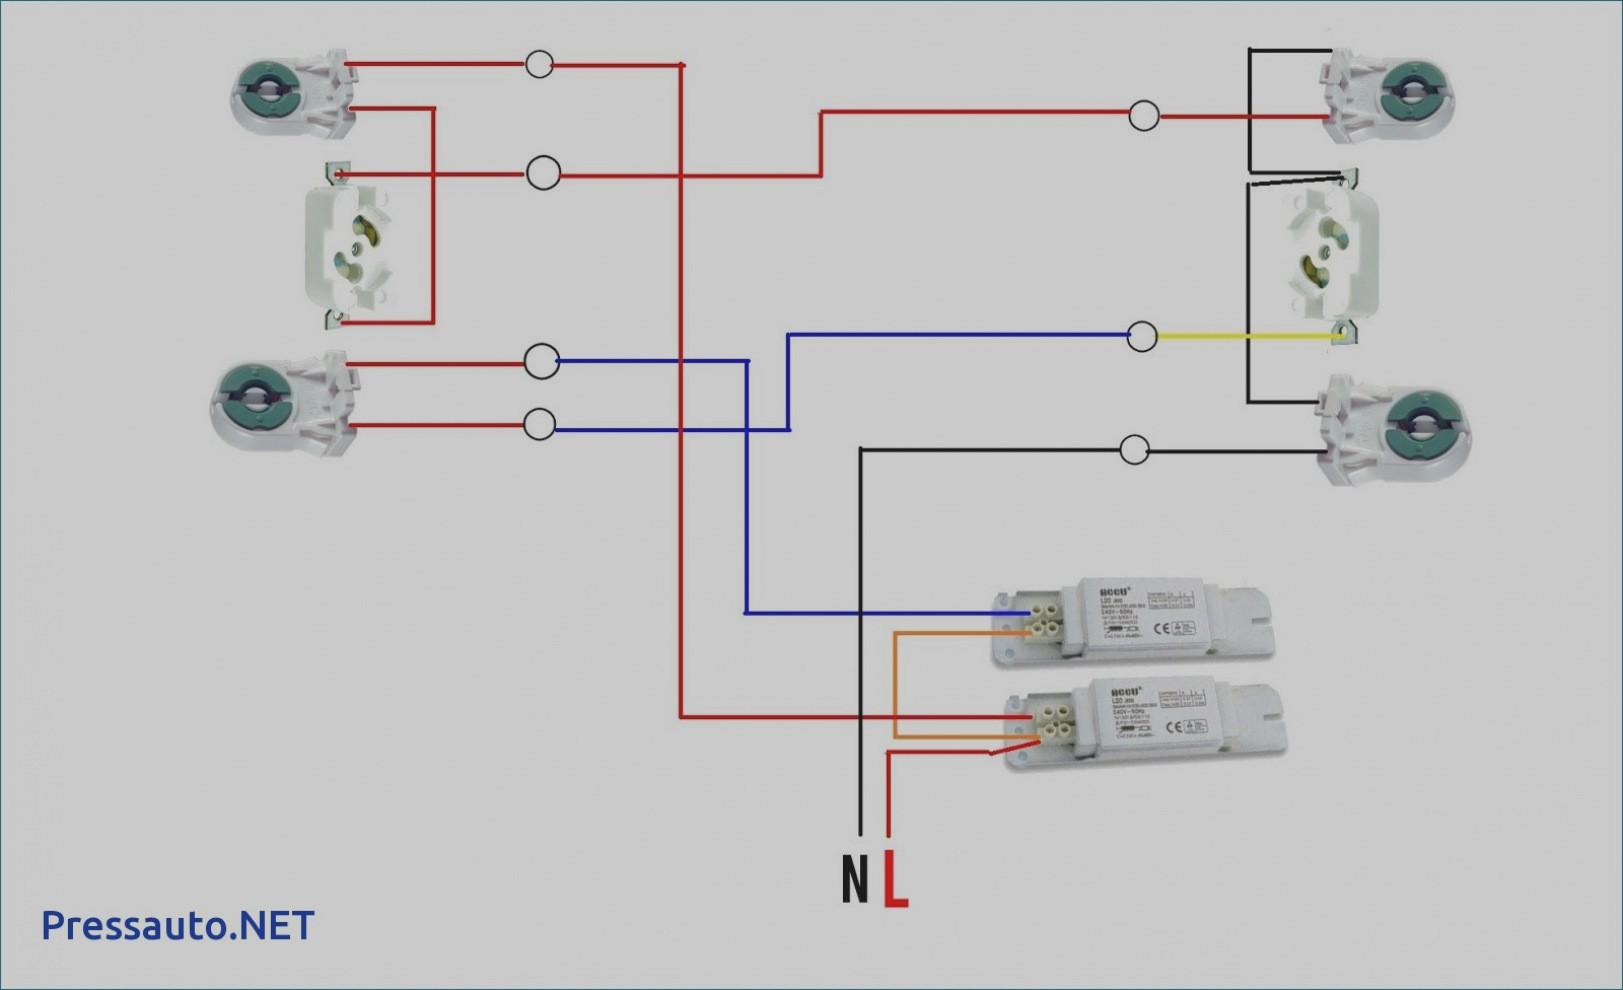 wiring lampu pendaflour circuit diagram symbols u2022 rh blogospheree com wiring lampu kalimantang tanpa starter